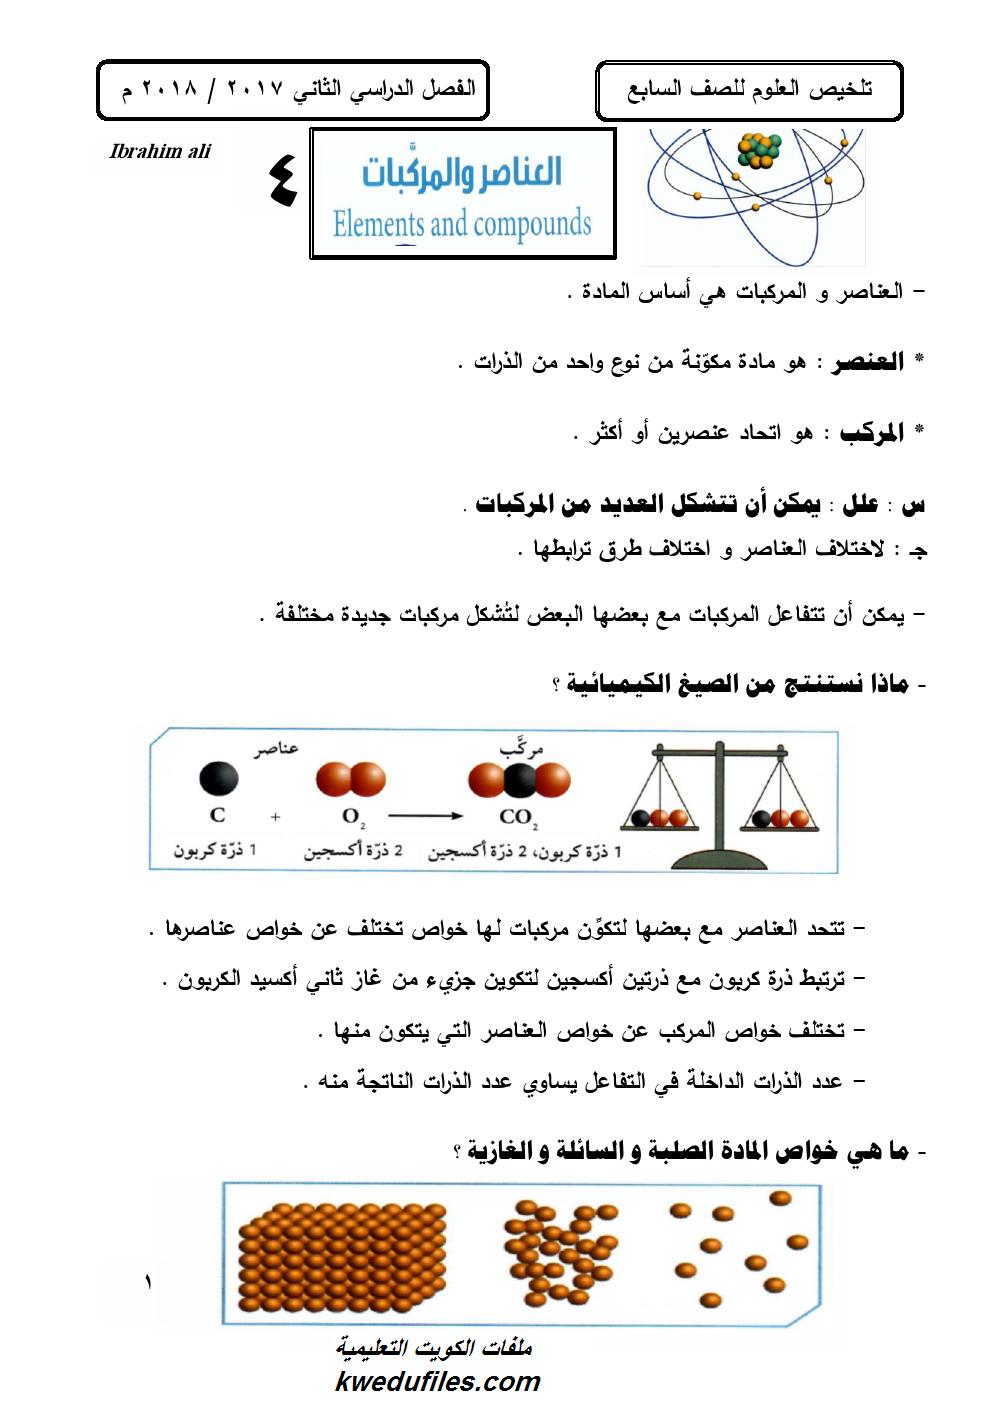 تلخيص عناصر ومركبات سابع الصف السابع علوم الفصل الثاني ملفات الكويت التعليمية